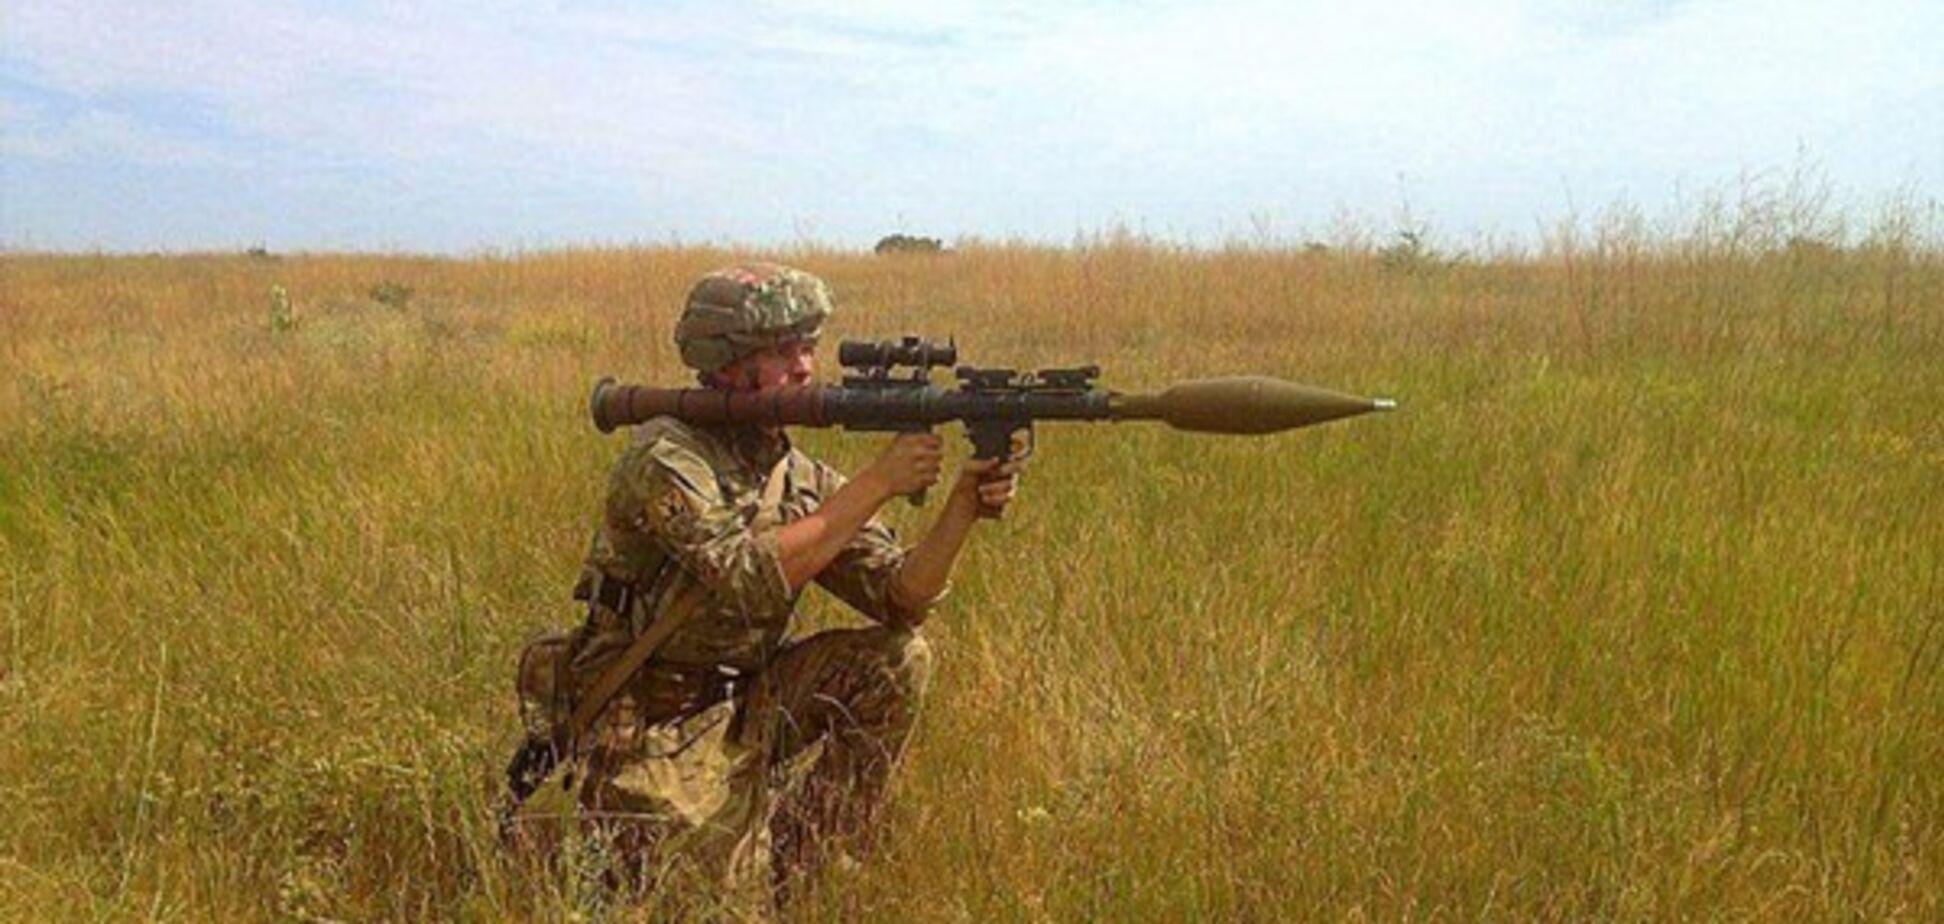 Оружие США пропало в Украине: 'Азов' удалил скандальные фото